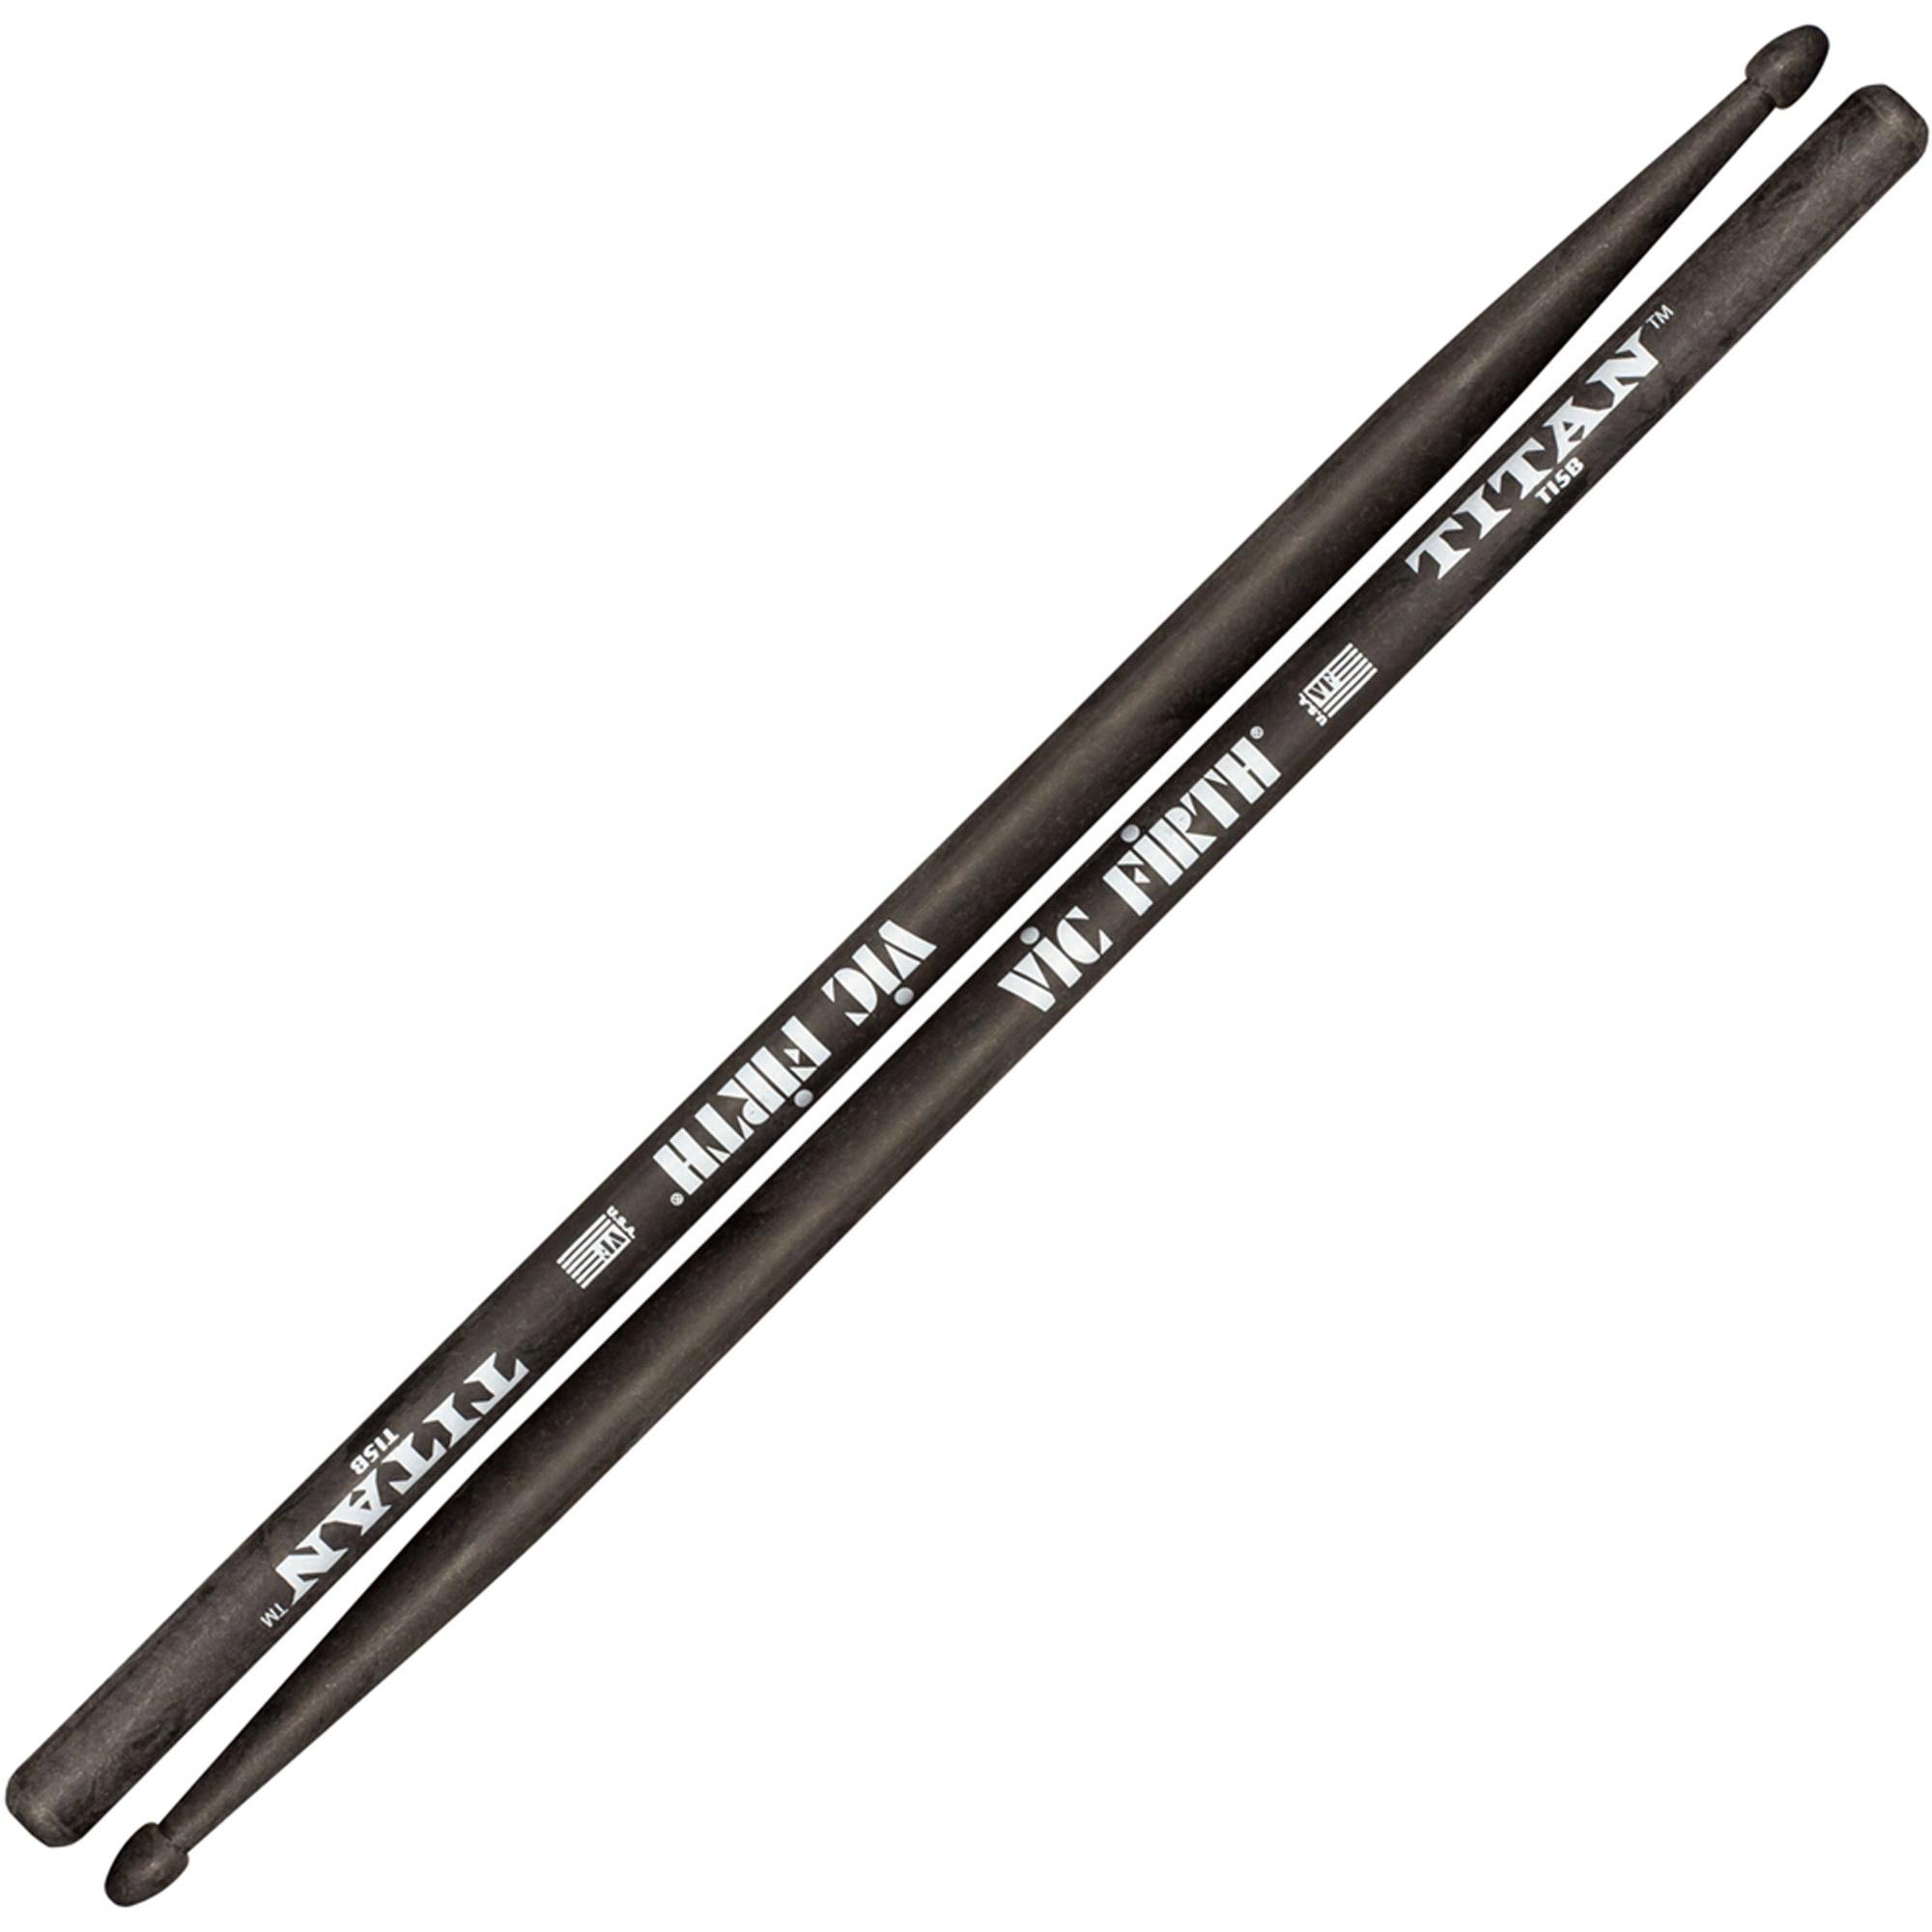 Vic Firth 5B Titan Carbon Fiber Drumsticks